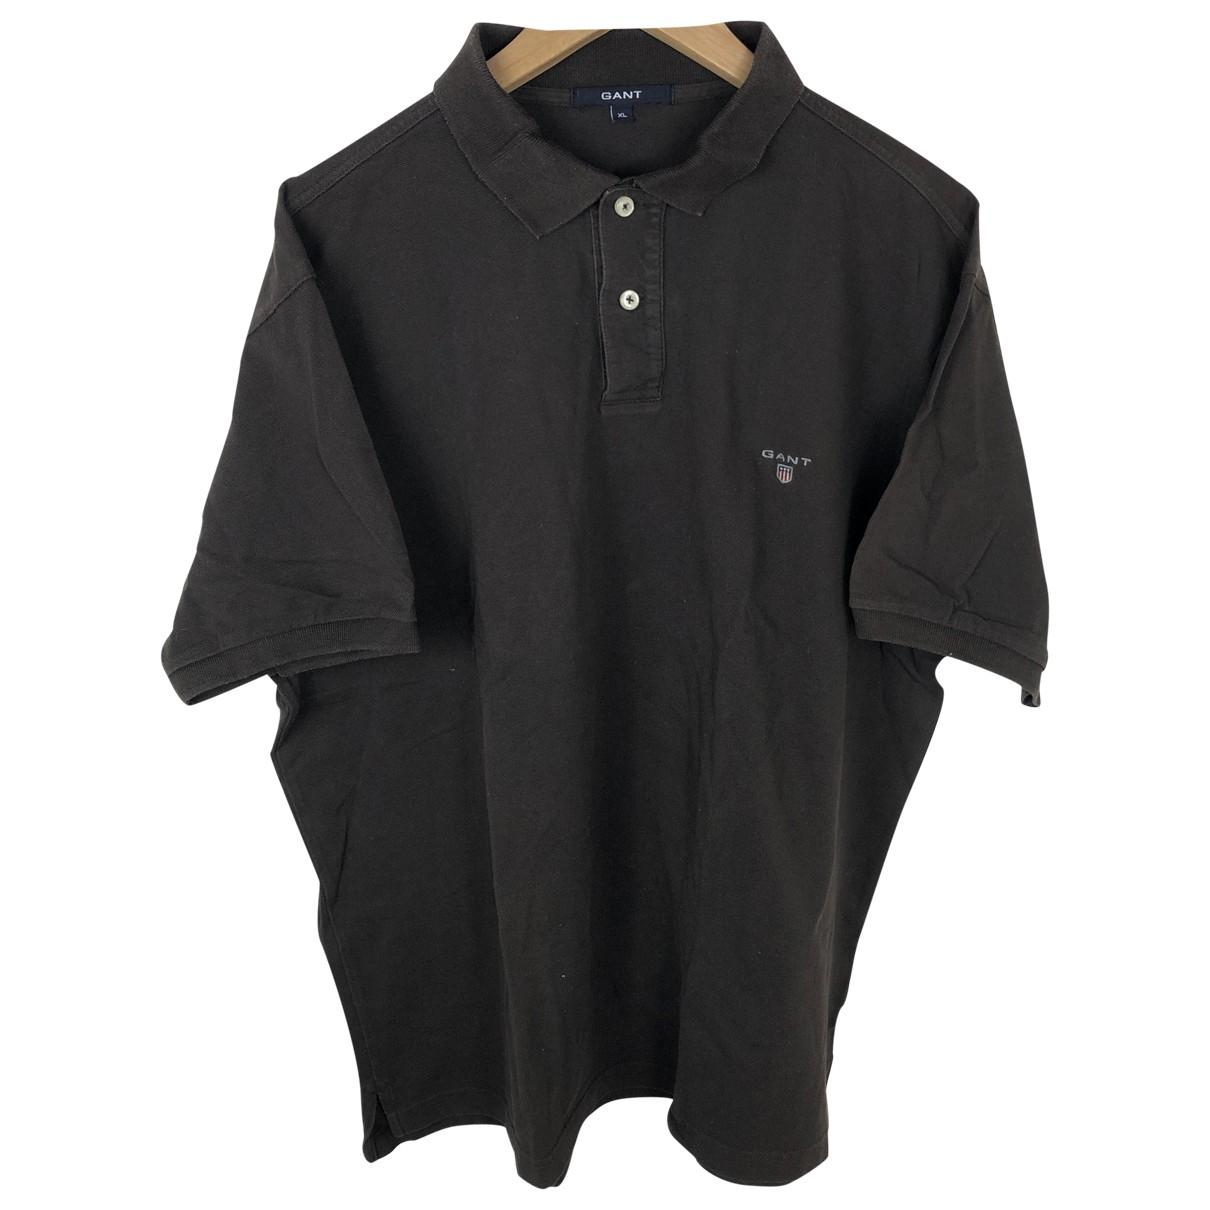 Gant - Polos   pour homme en coton - marron